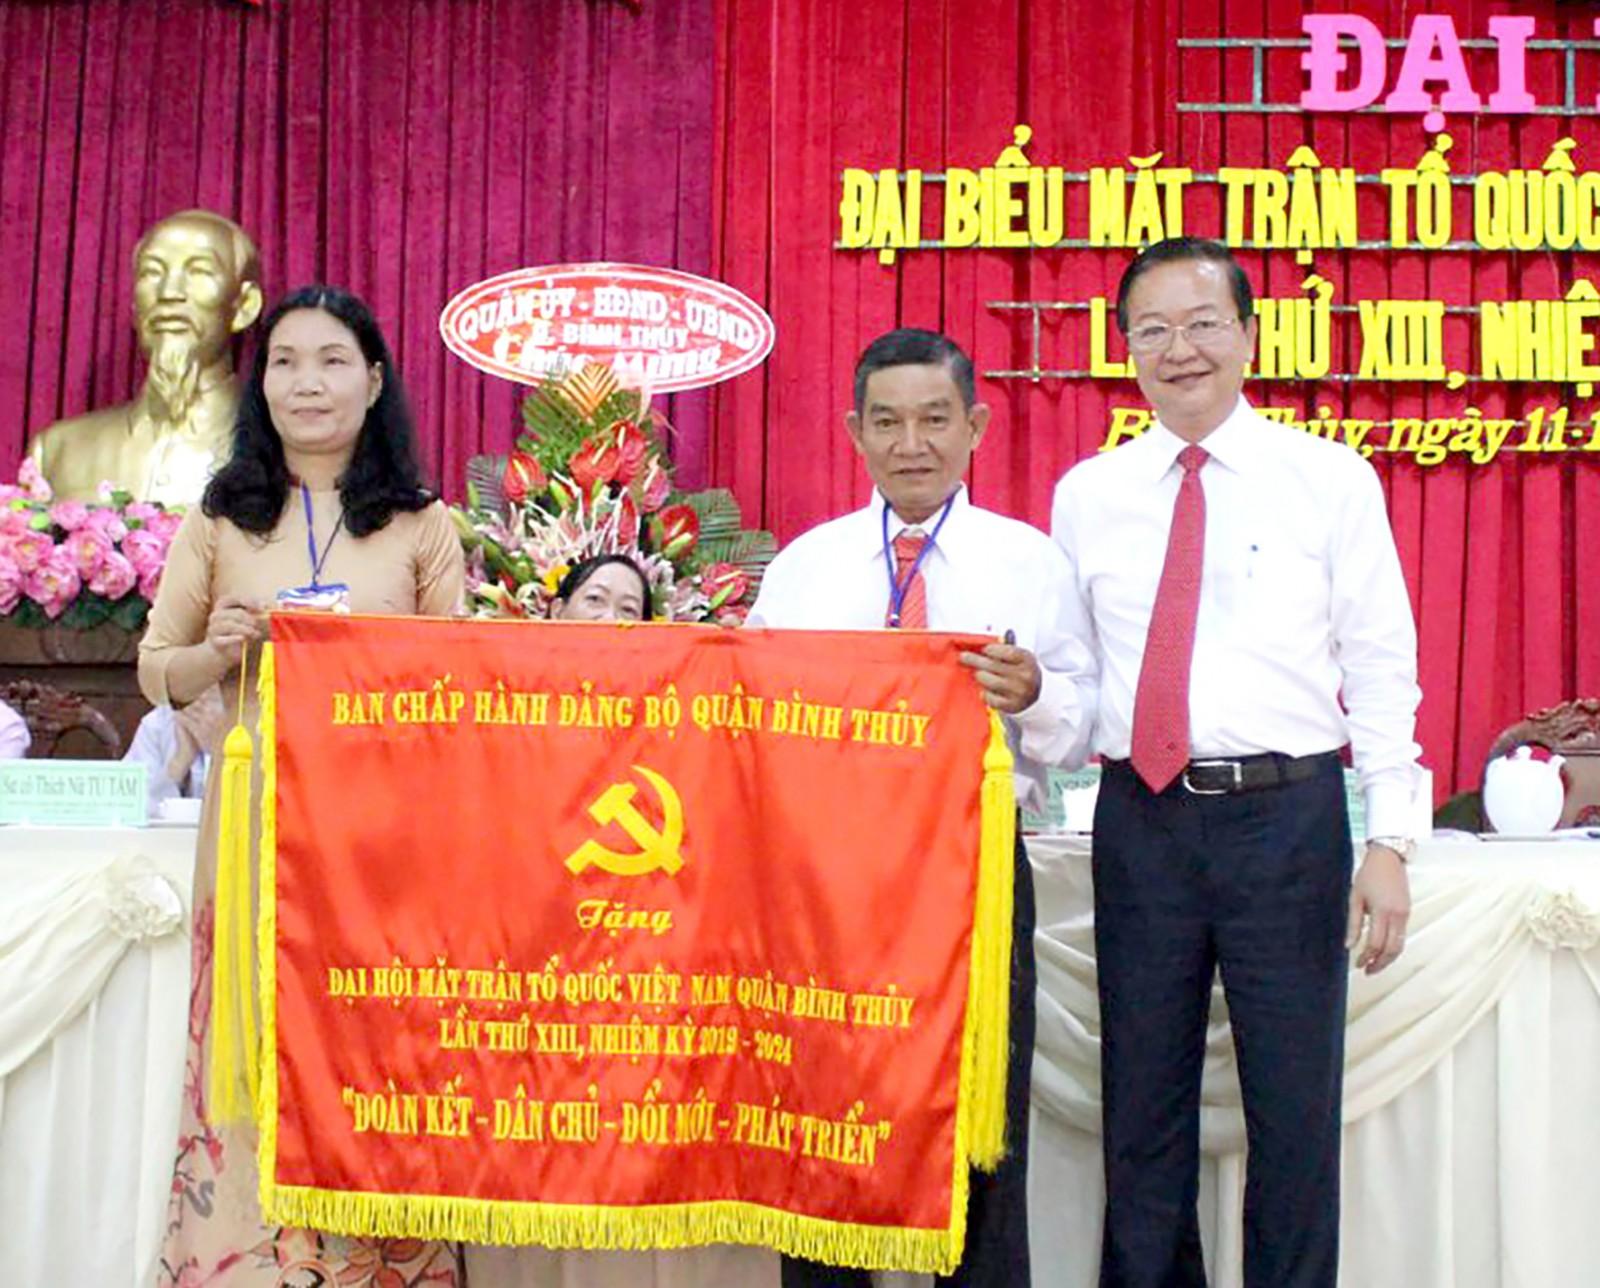 Đồng chí Lê Tấn Thủ, Bí thư Quận ủy Bình Thủy (bìa phải) trao bức trướng của Ban Chấp hành Đảng quận chúc mừng đại hội Mặt trận quận. Ảnh: TÂM KHOA